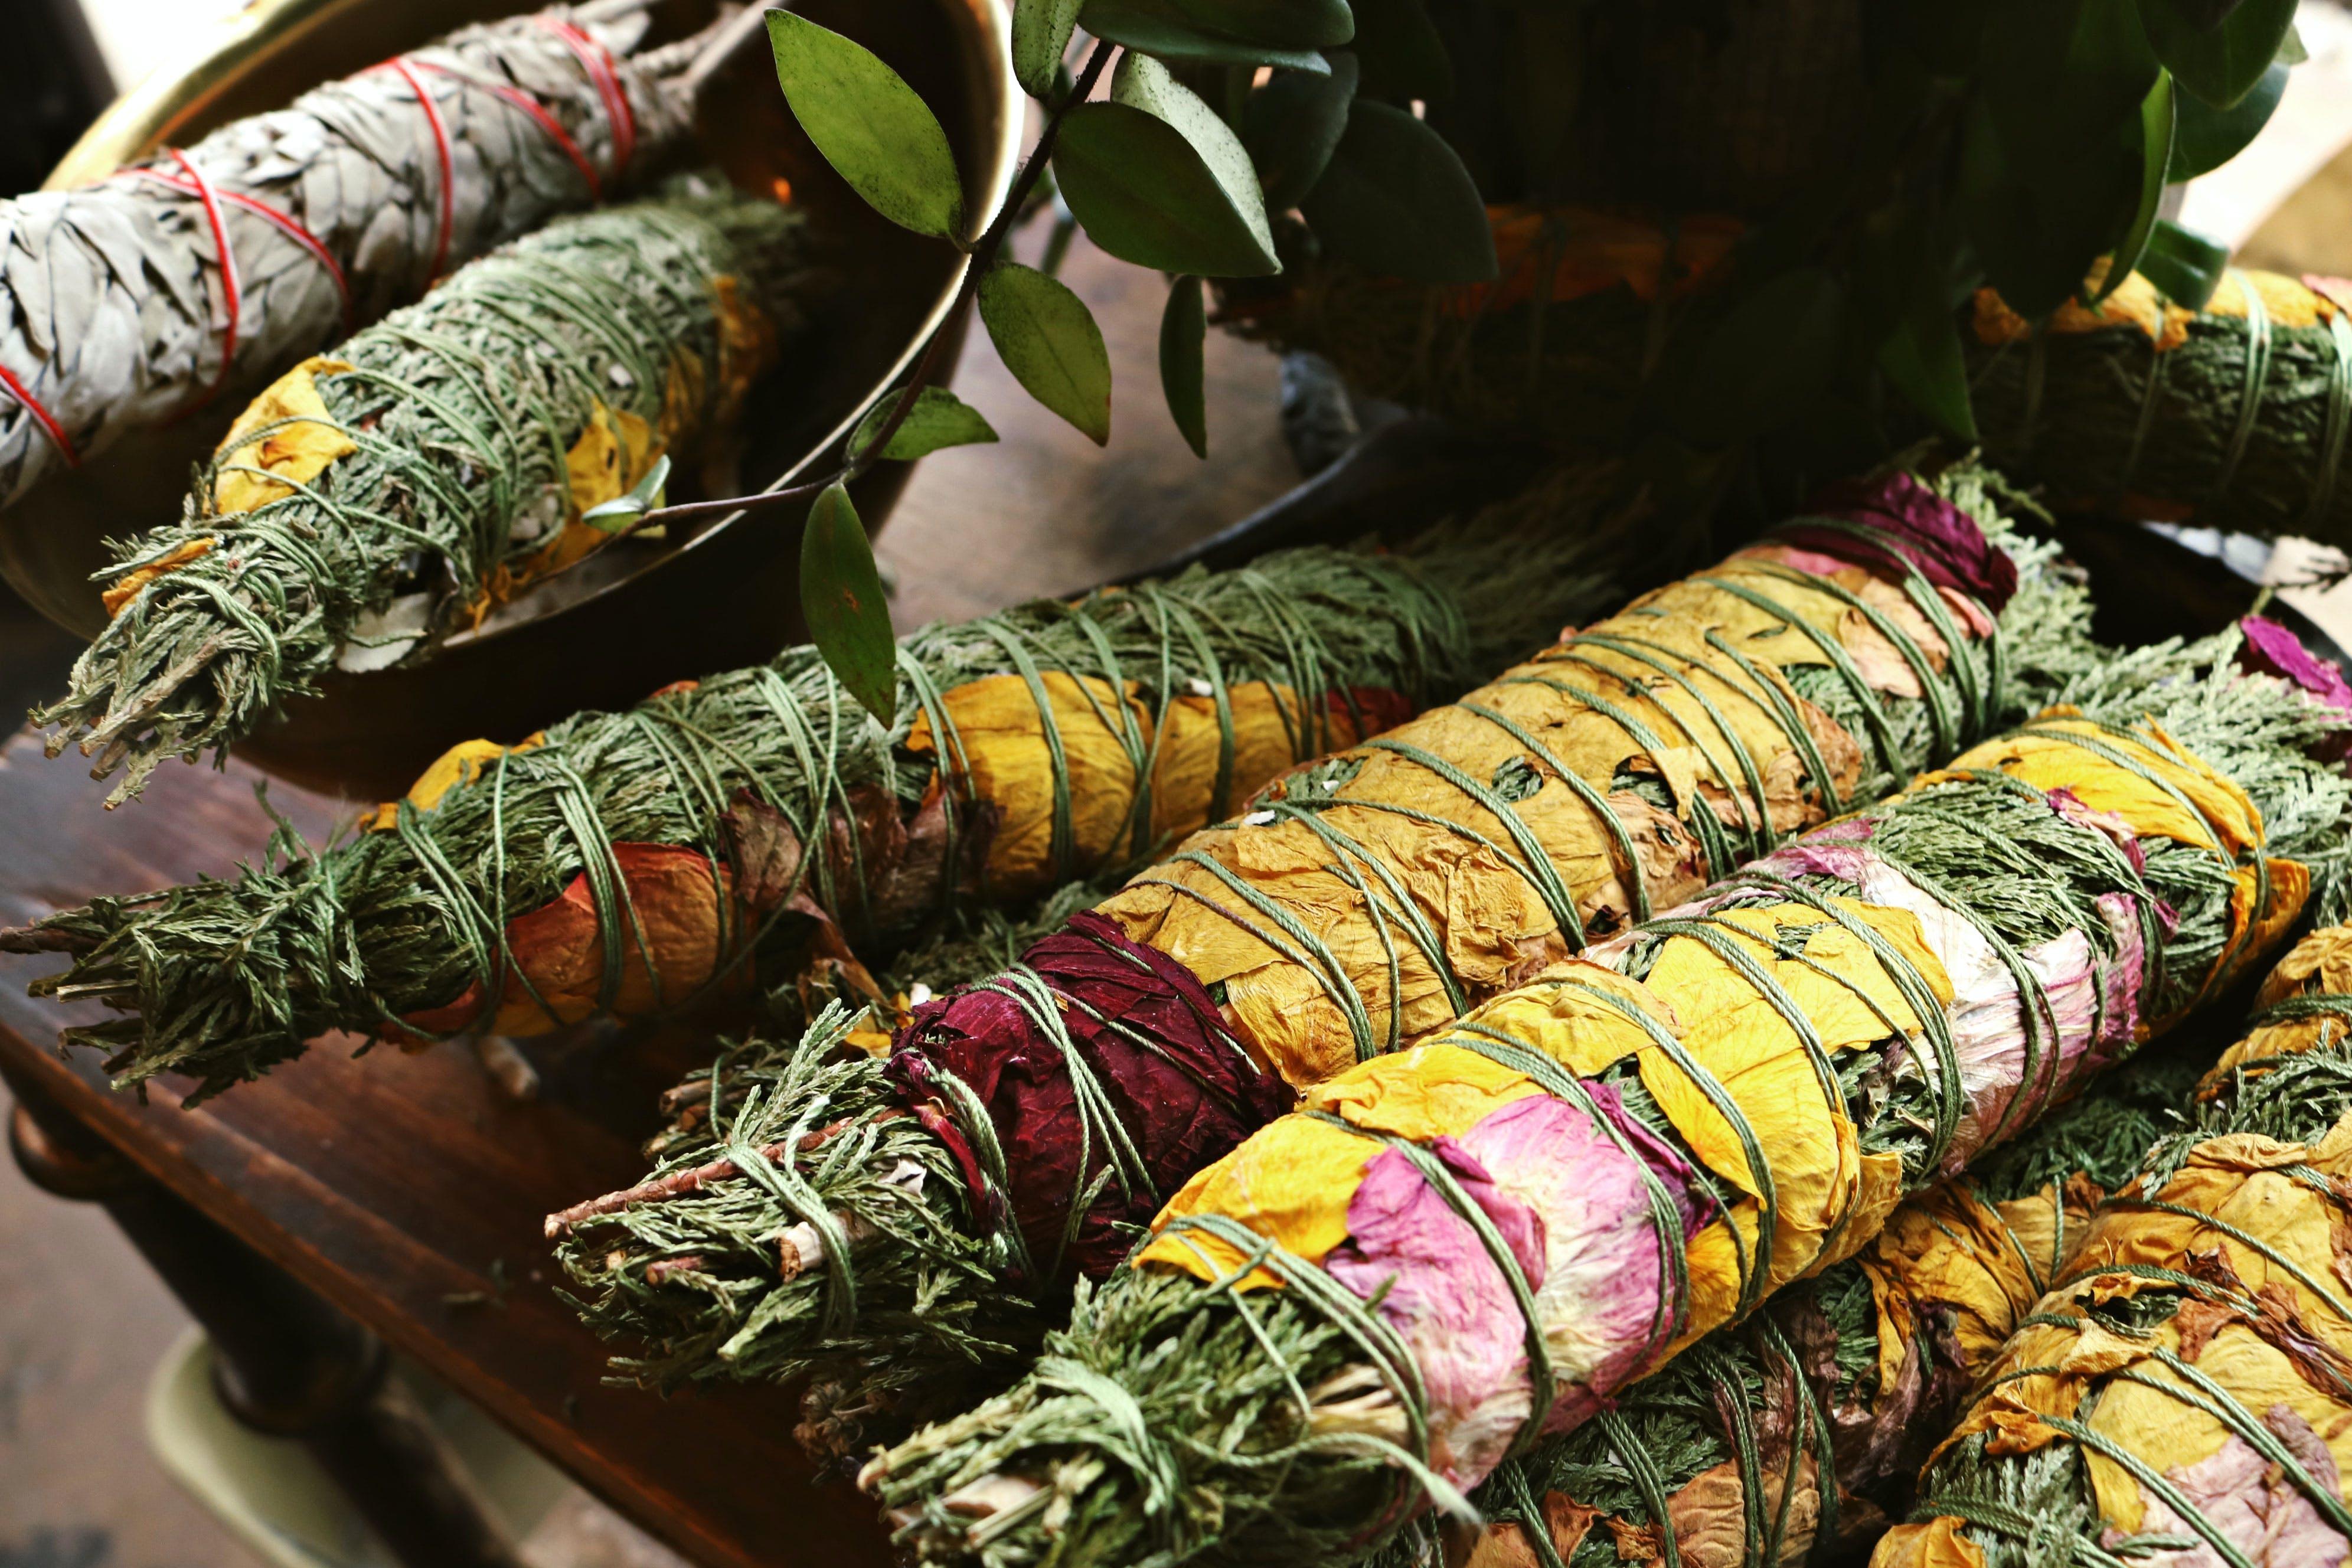 꽃, 드라이플라워, 묶인, 수제의 무료 스톡 사진